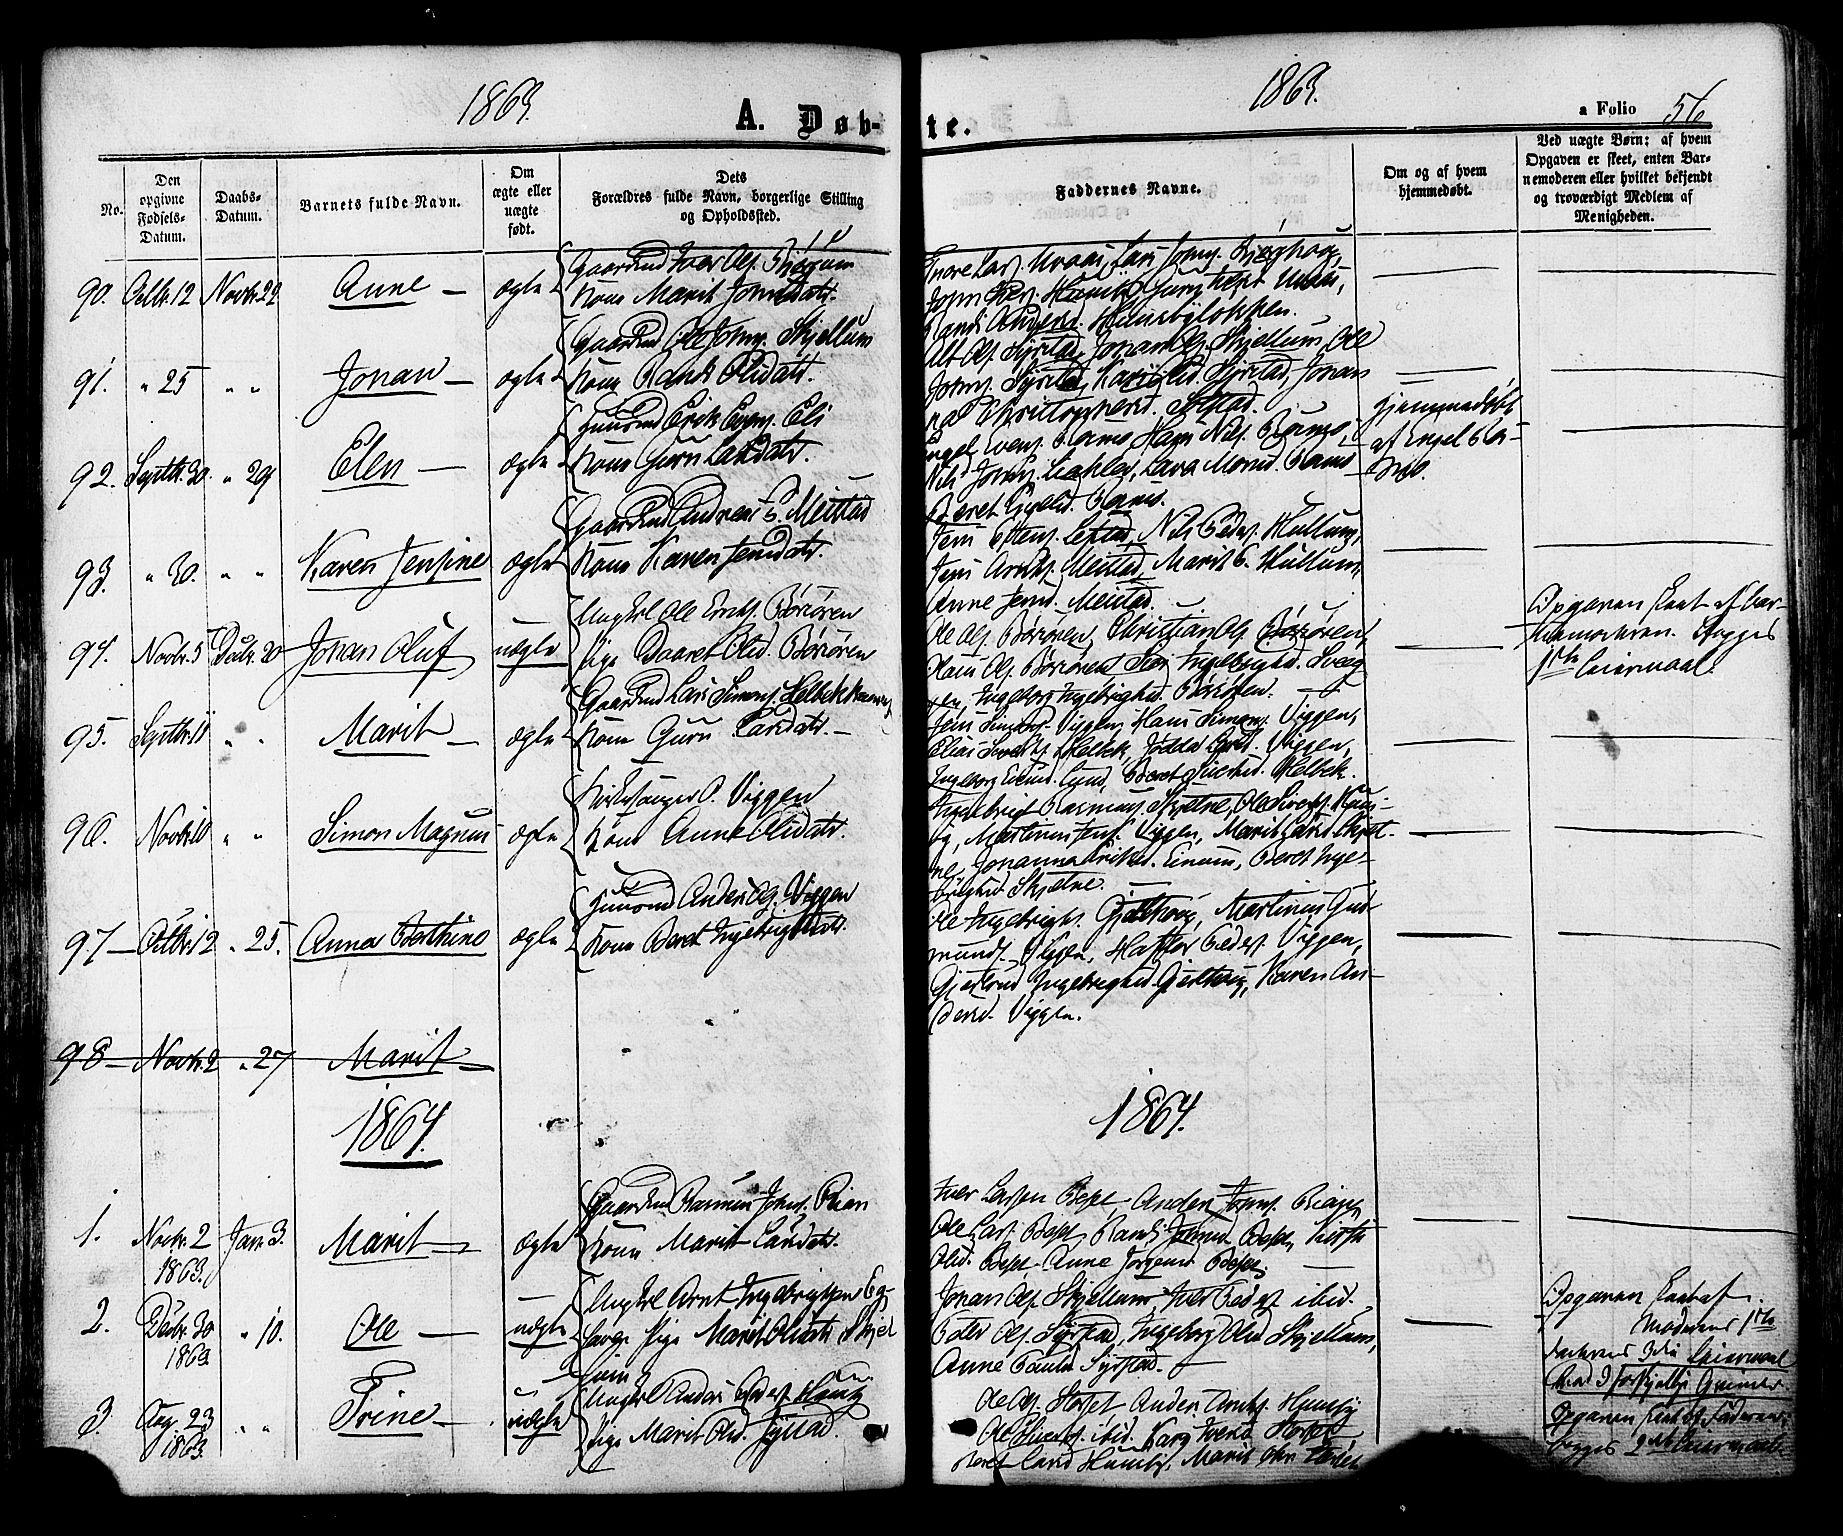 SAT, Ministerialprotokoller, klokkerbøker og fødselsregistre - Sør-Trøndelag, 665/L0772: Ministerialbok nr. 665A07, 1856-1878, s. 56